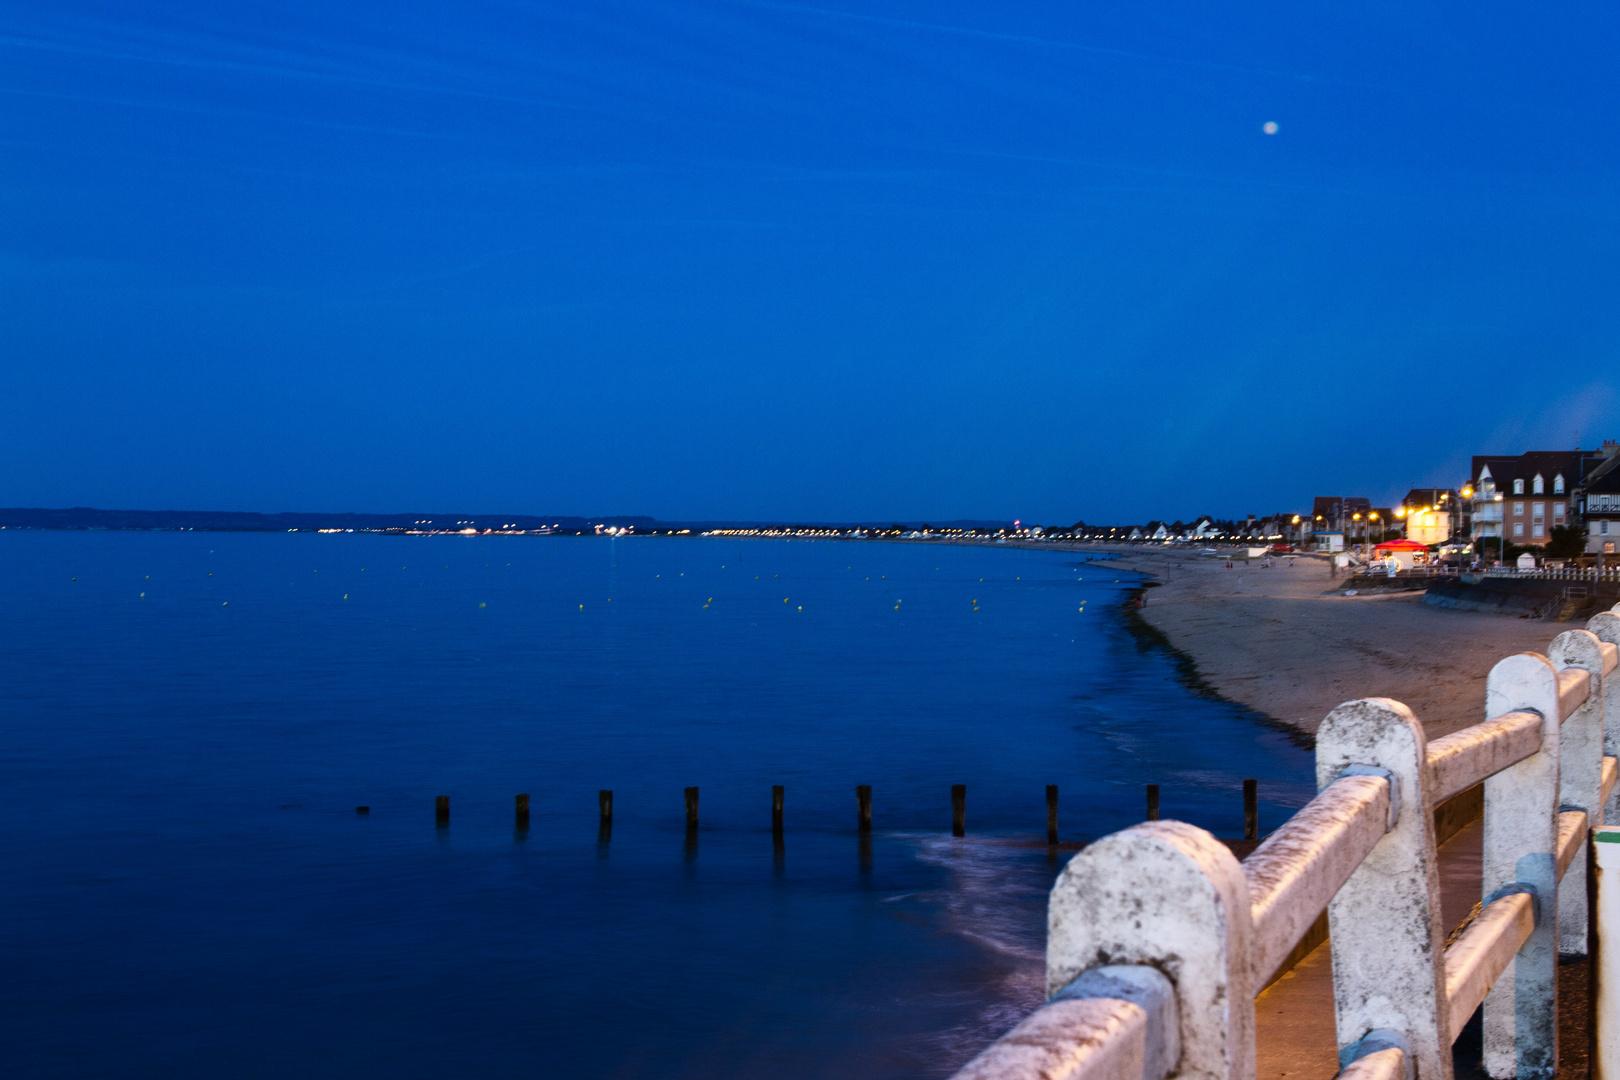 Nacht in der Bucht